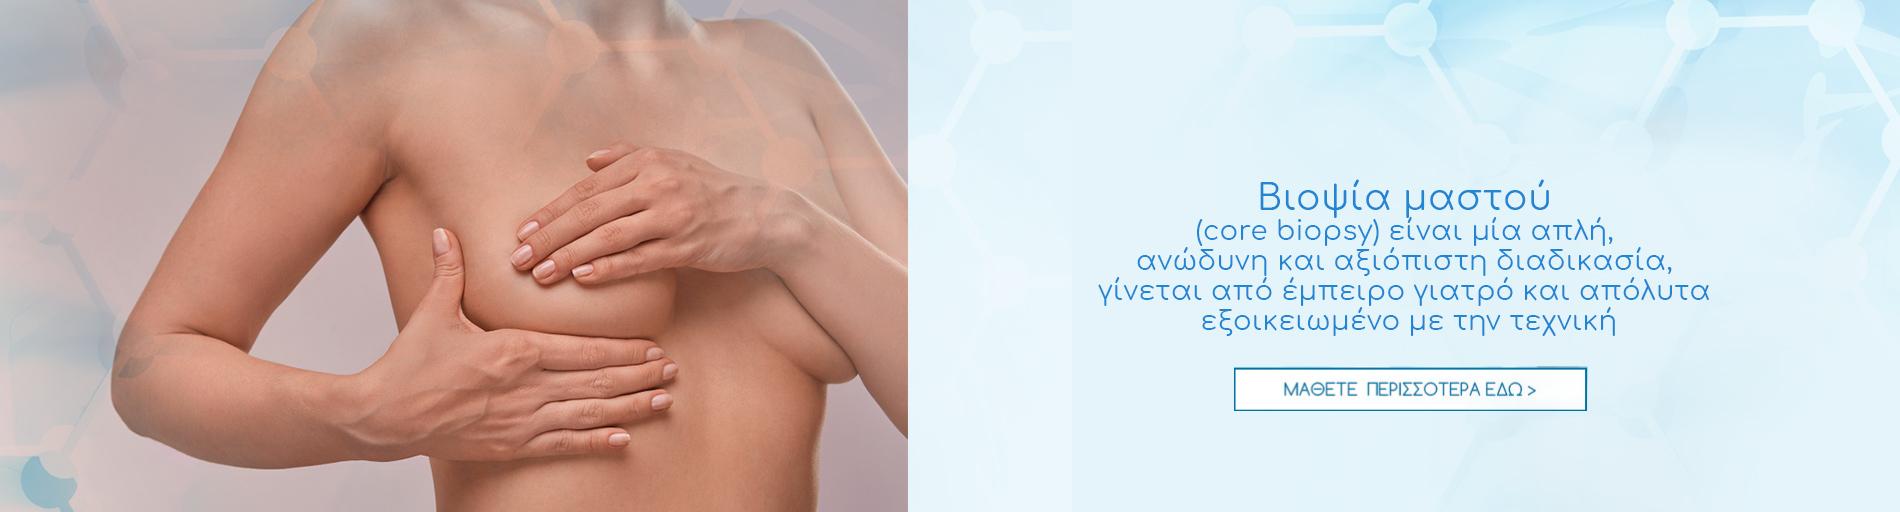 Διαδερμική Βιοψία Μαστού (FNA- Core Biopsy)